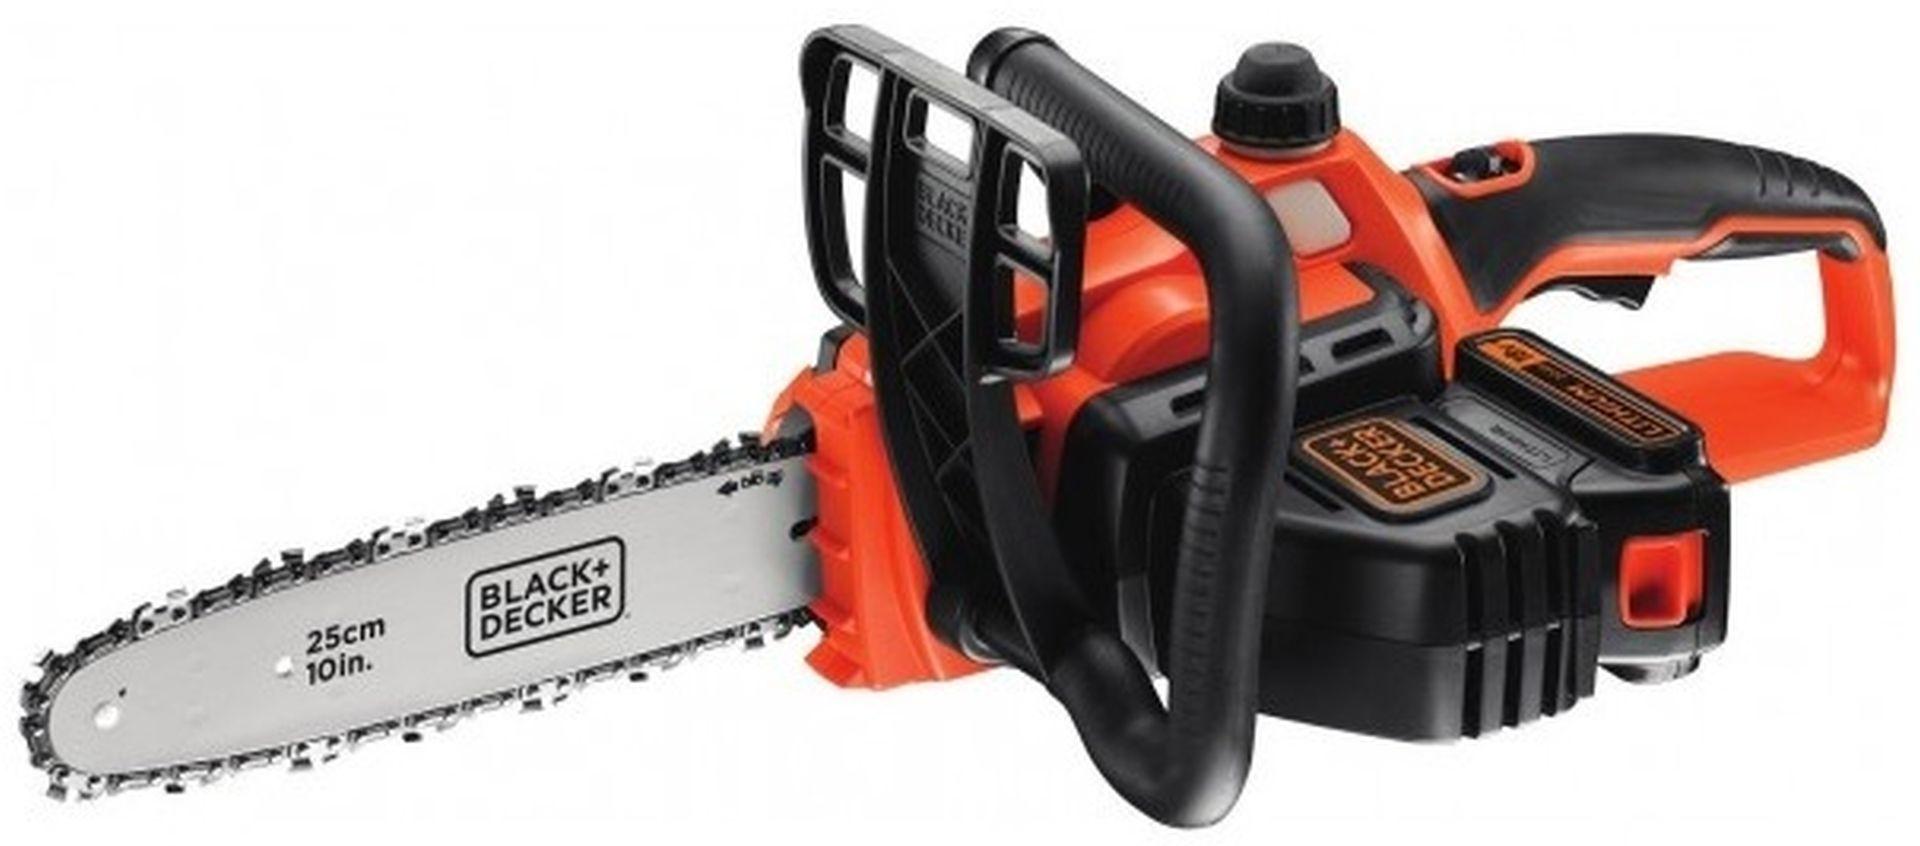 BLACK & DECKER Aku řetězová pila 18V/2,0Ah 25cm GKC1825L20